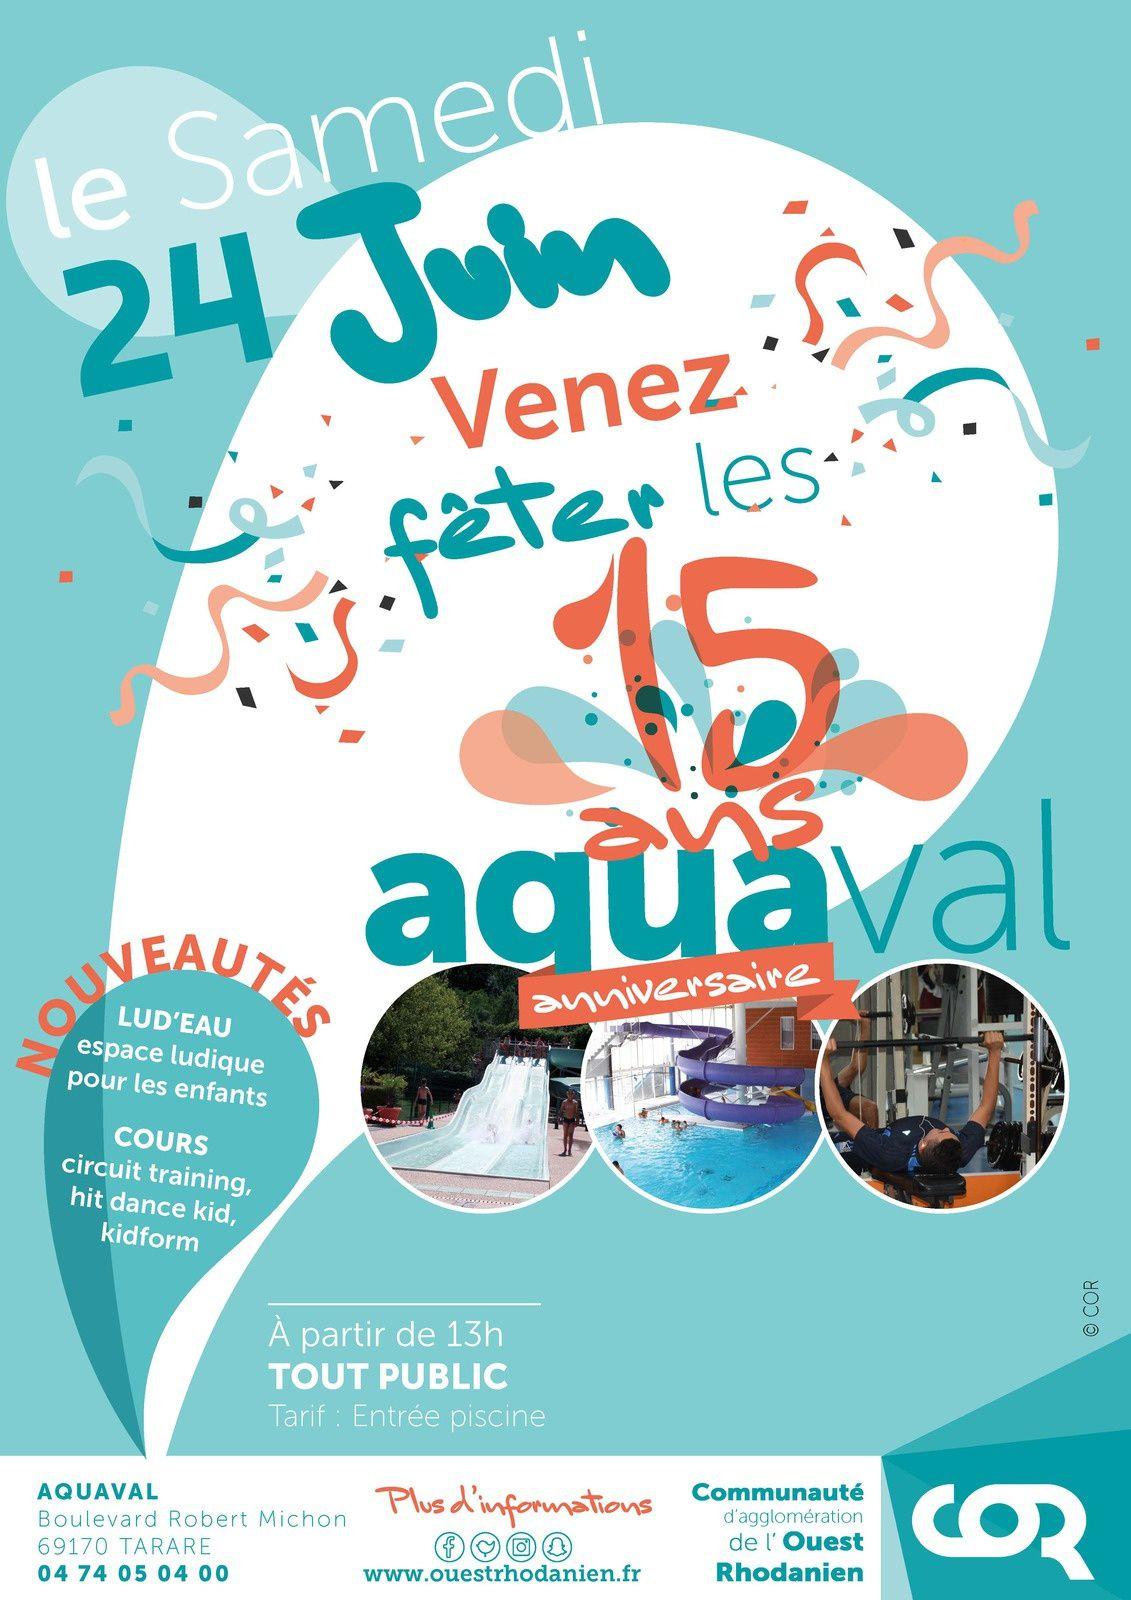 Le 24 juin  Aquaval fête ses 15 ans.